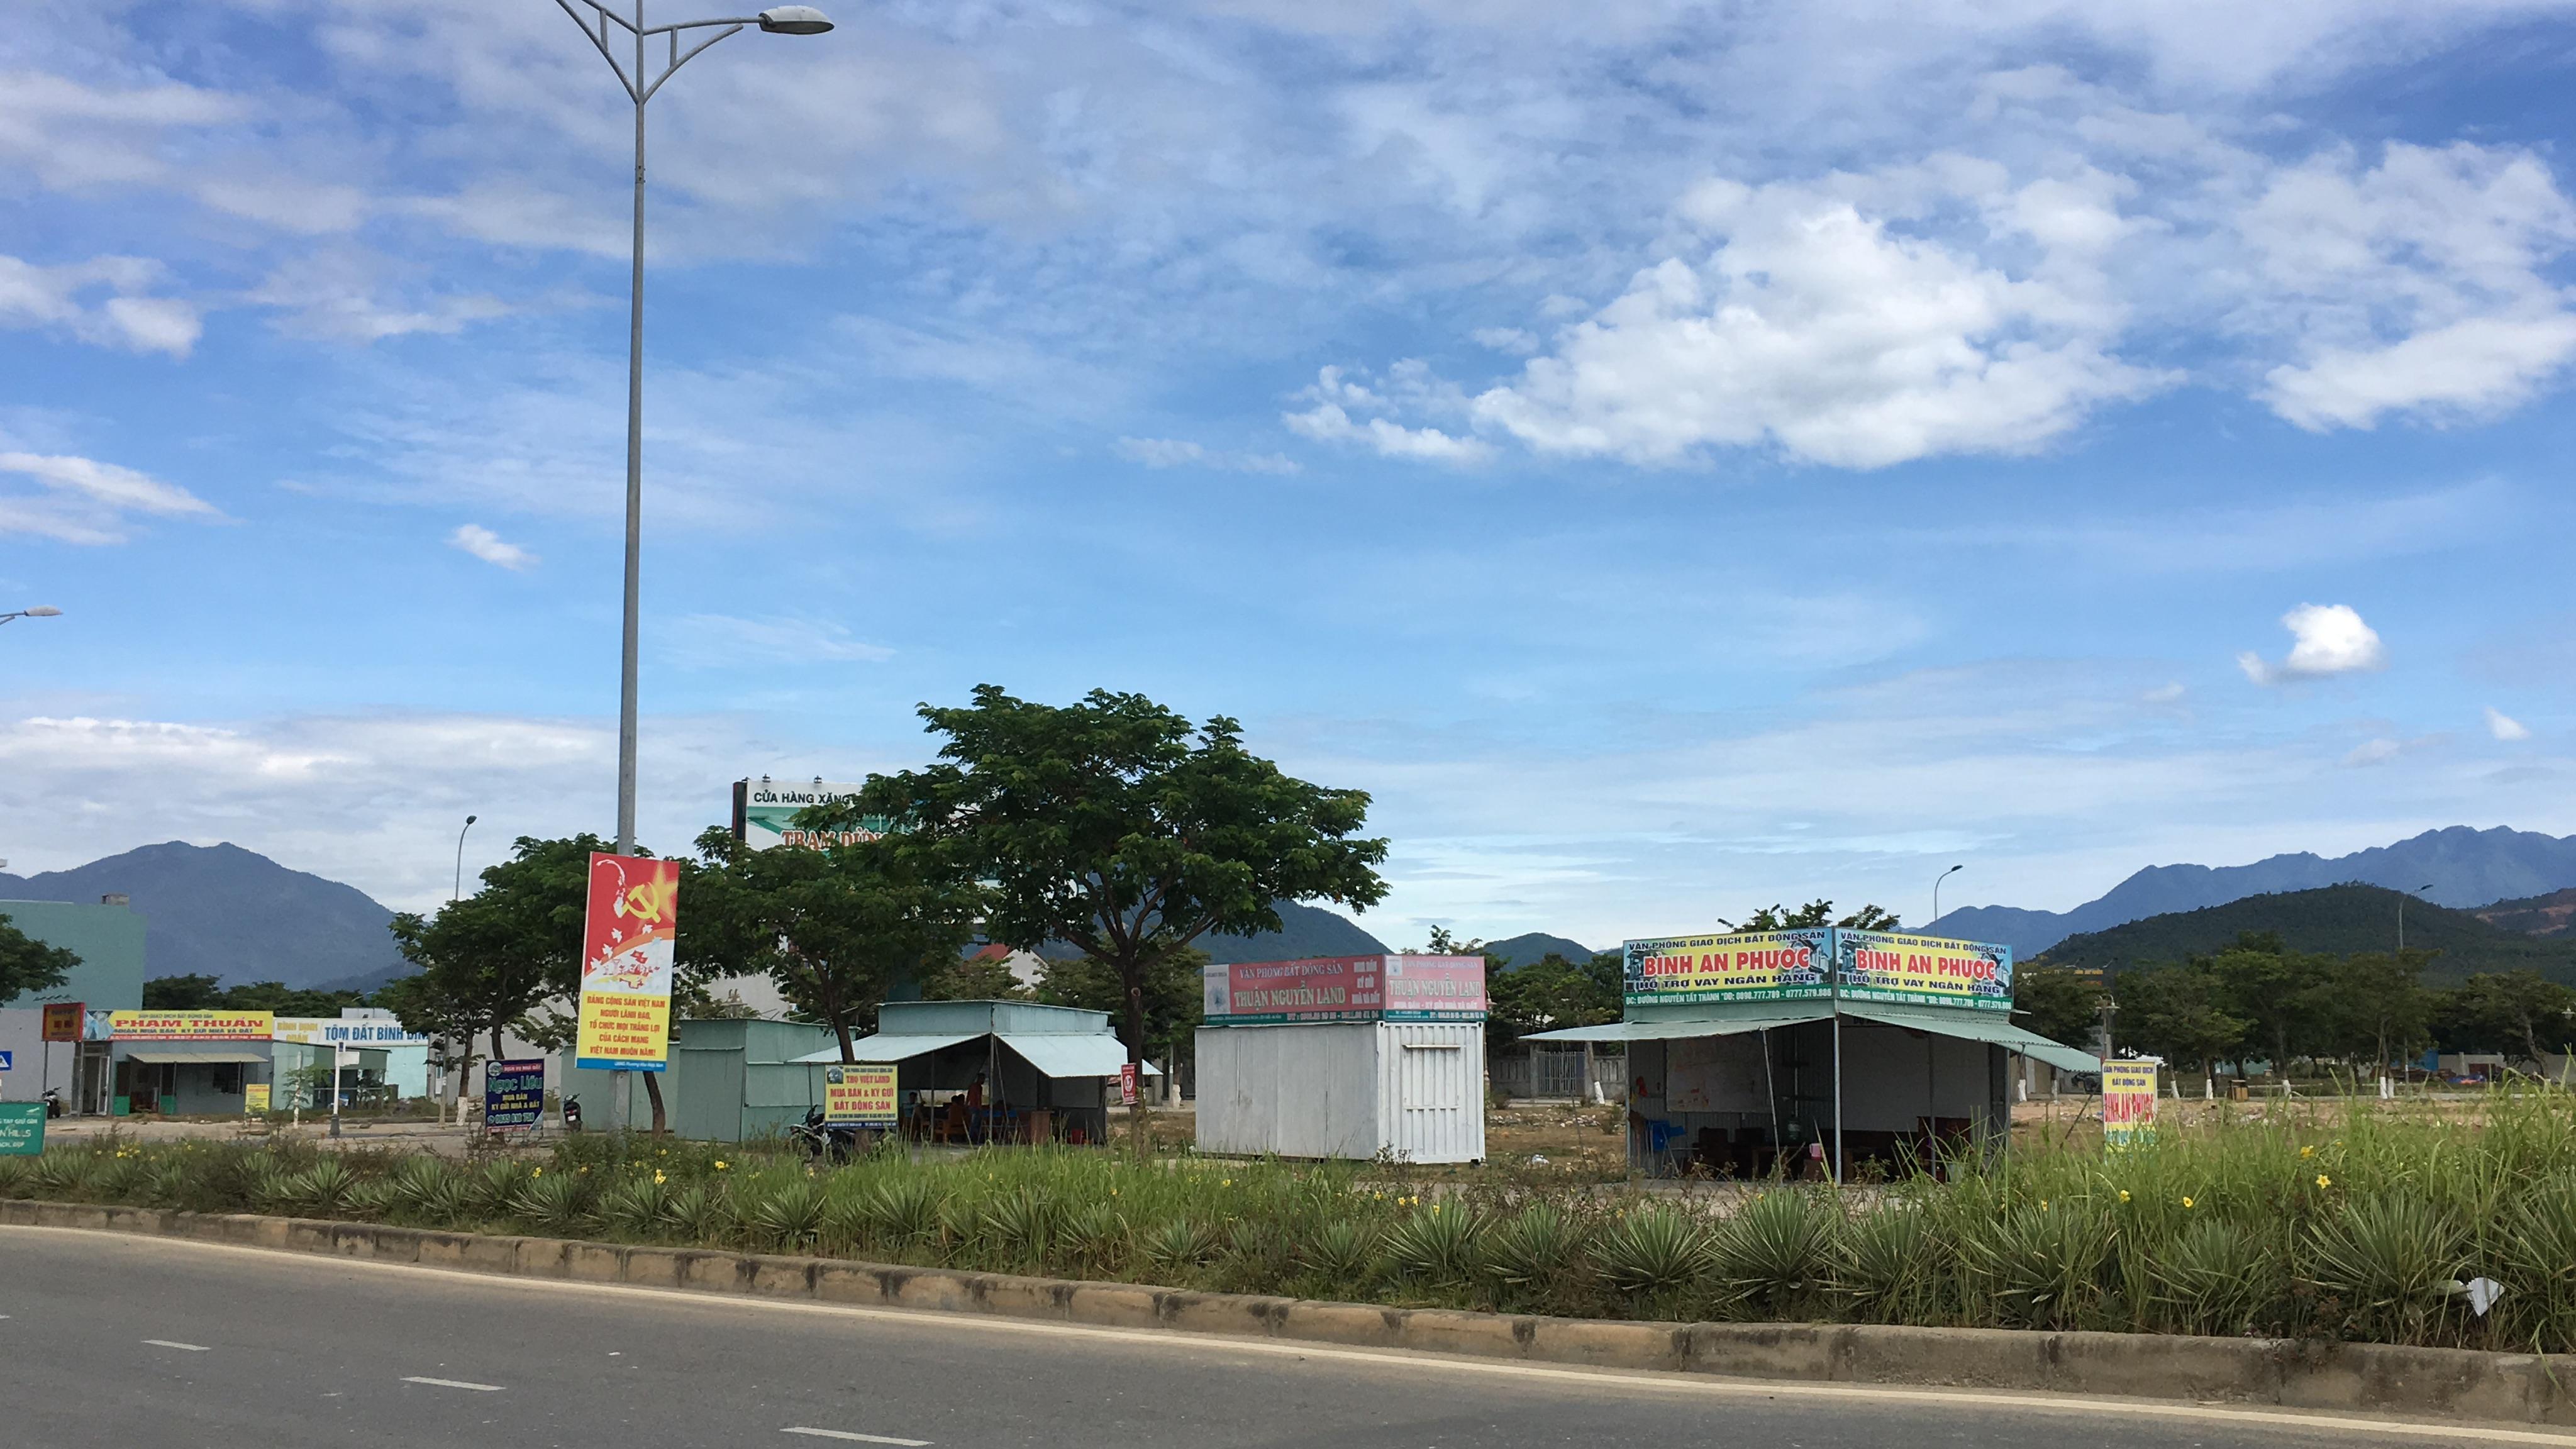 Đất Đà Nẵng giảm hơn tỉ đồng/lô nhưng người có nhu cầu khó mua nổi - Ảnh 2.